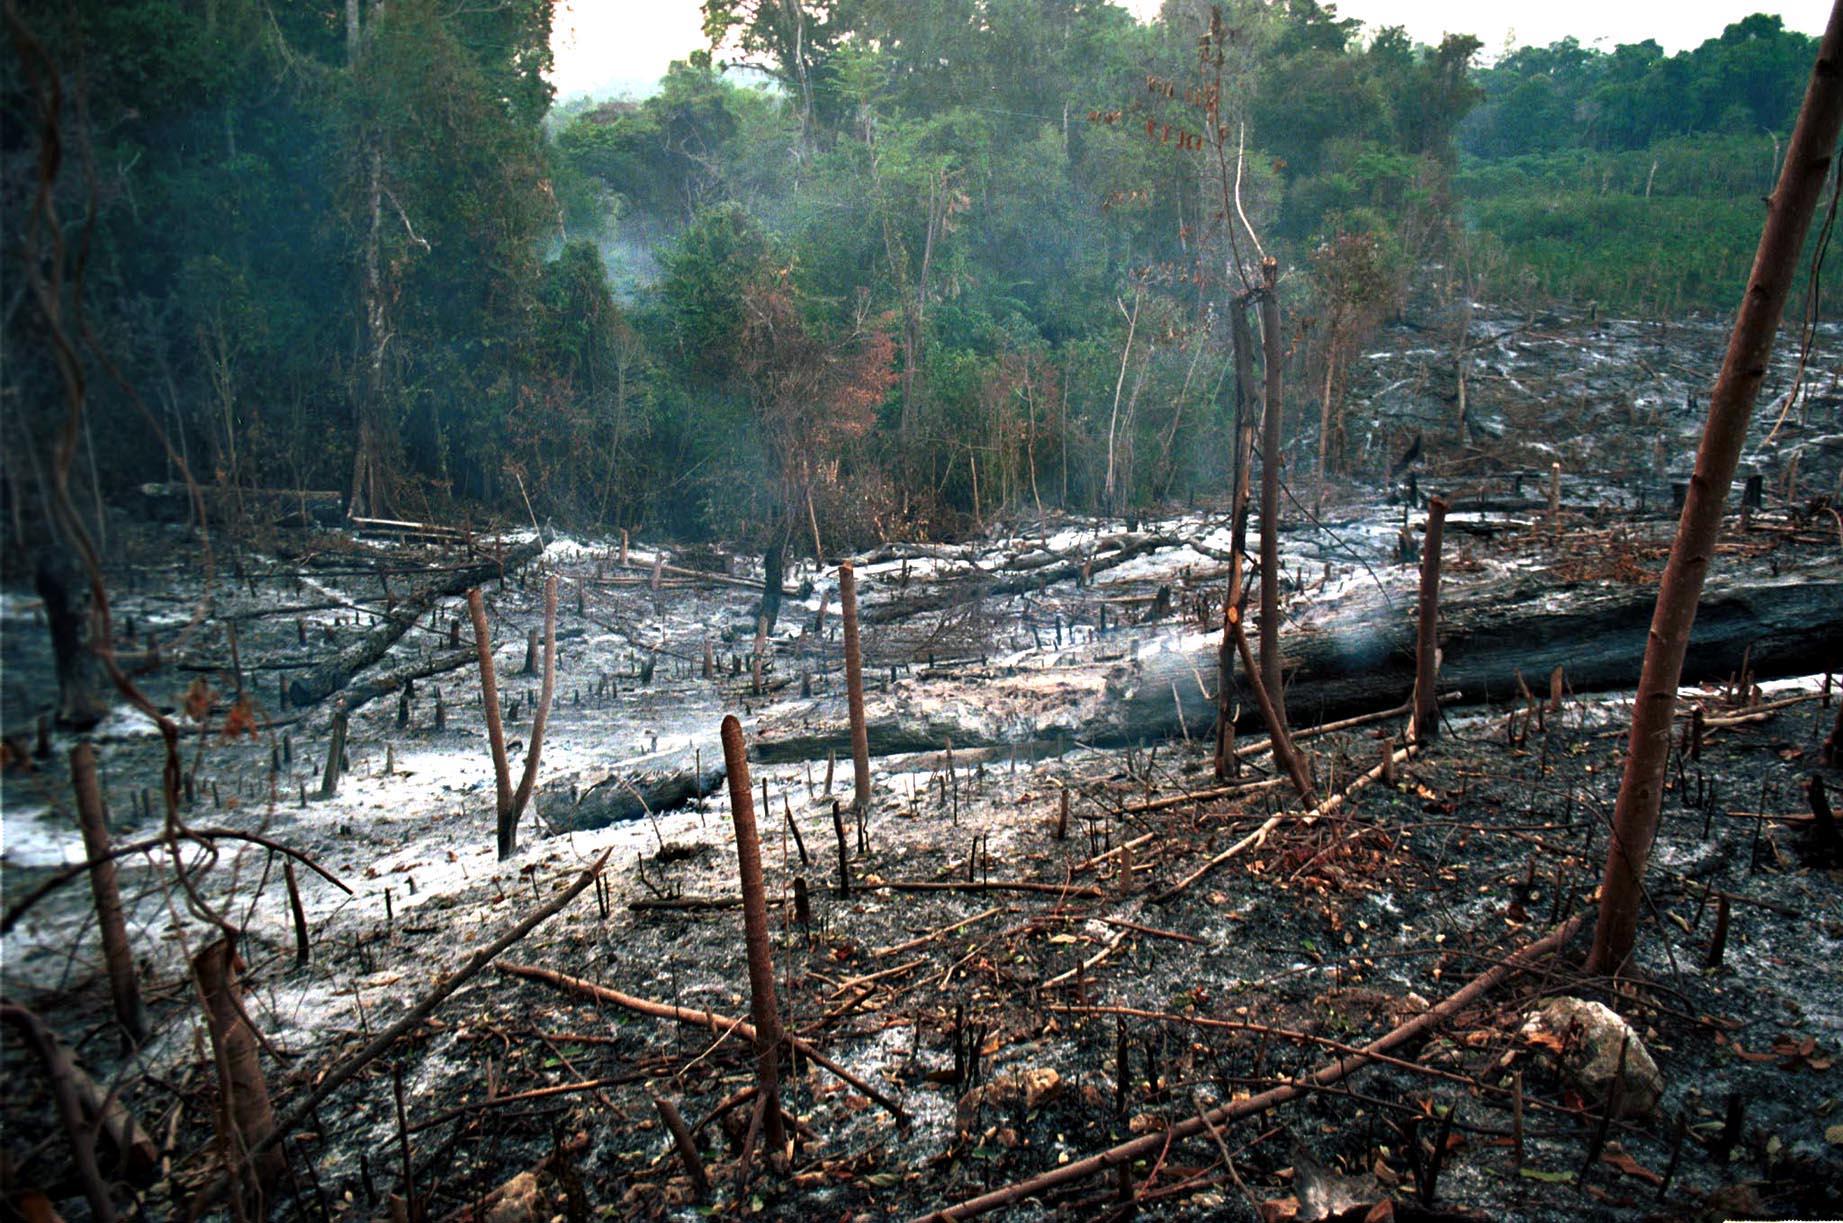 Rainforest squatters, AFP